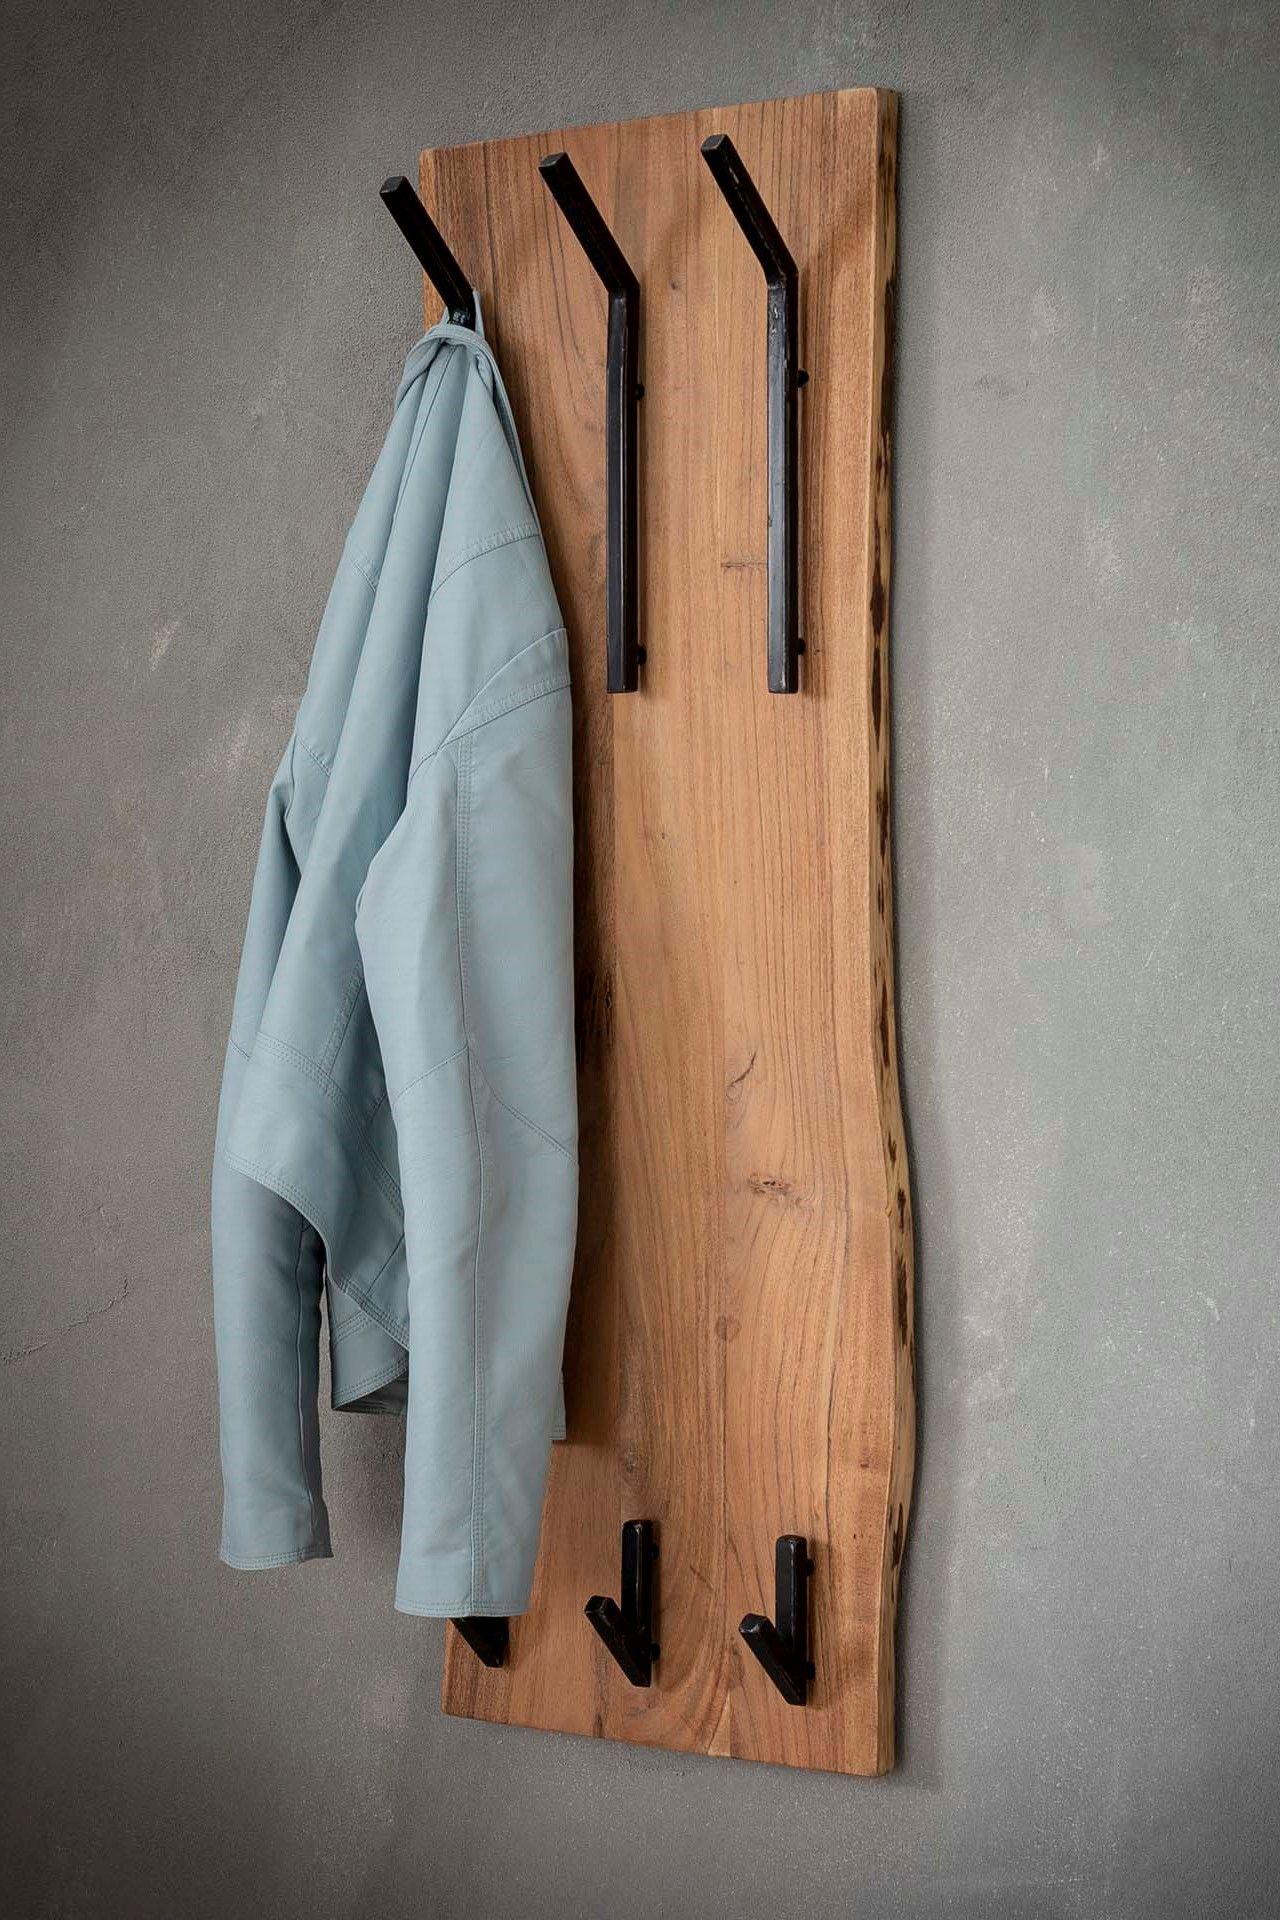 Wandgarderobe Paneele Hakenleiste Garderobenleiste Wandpaneele Garderobe Holz